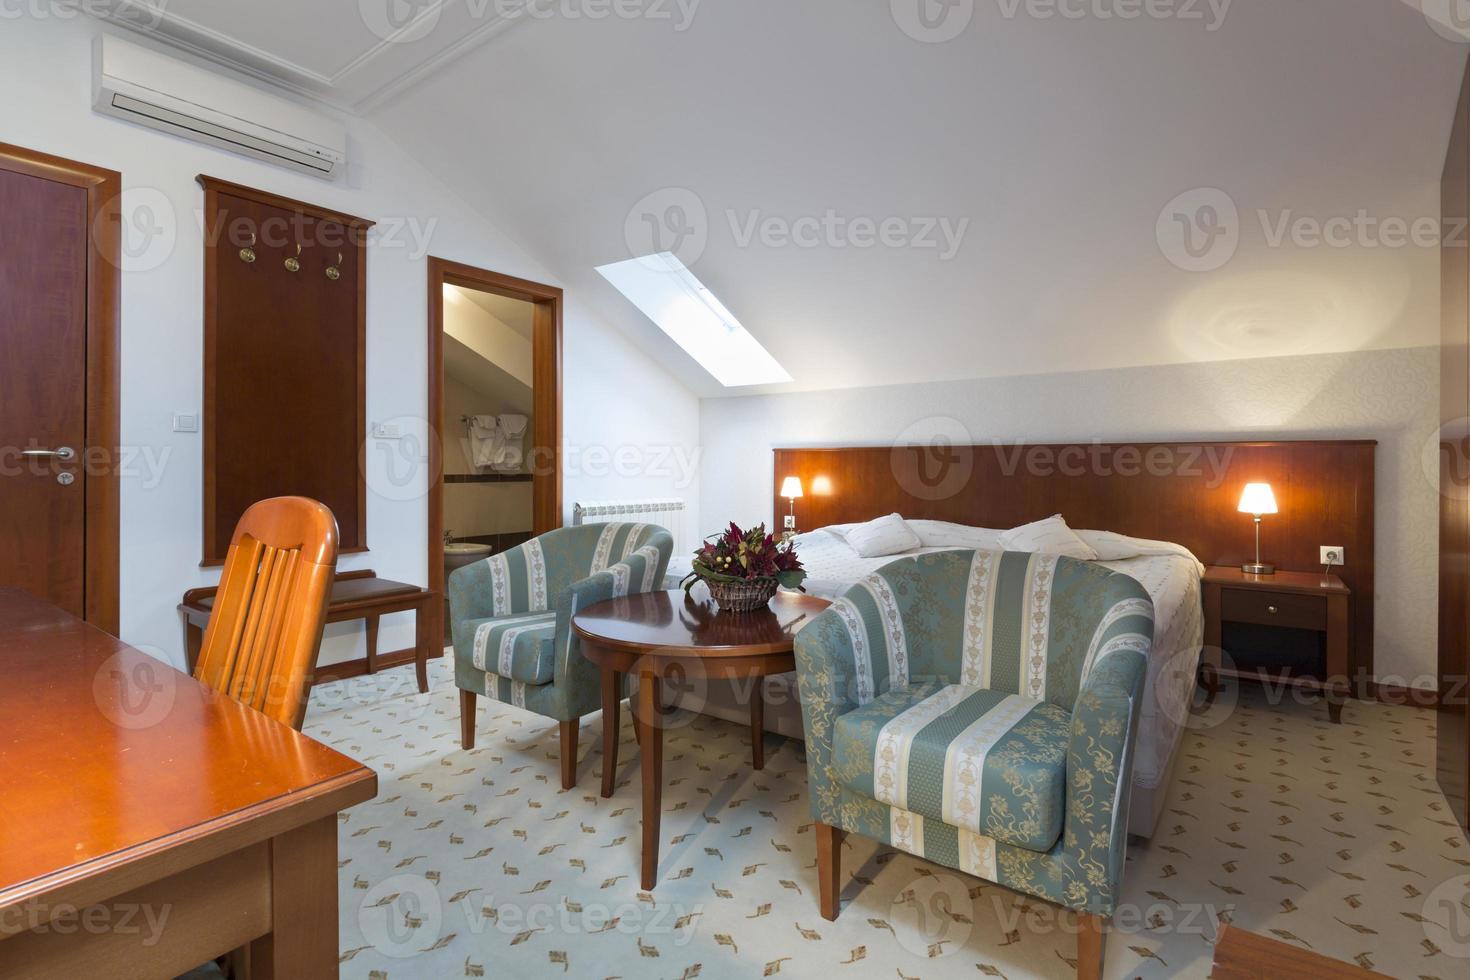 sovrum inredning i loft lägenhet foto